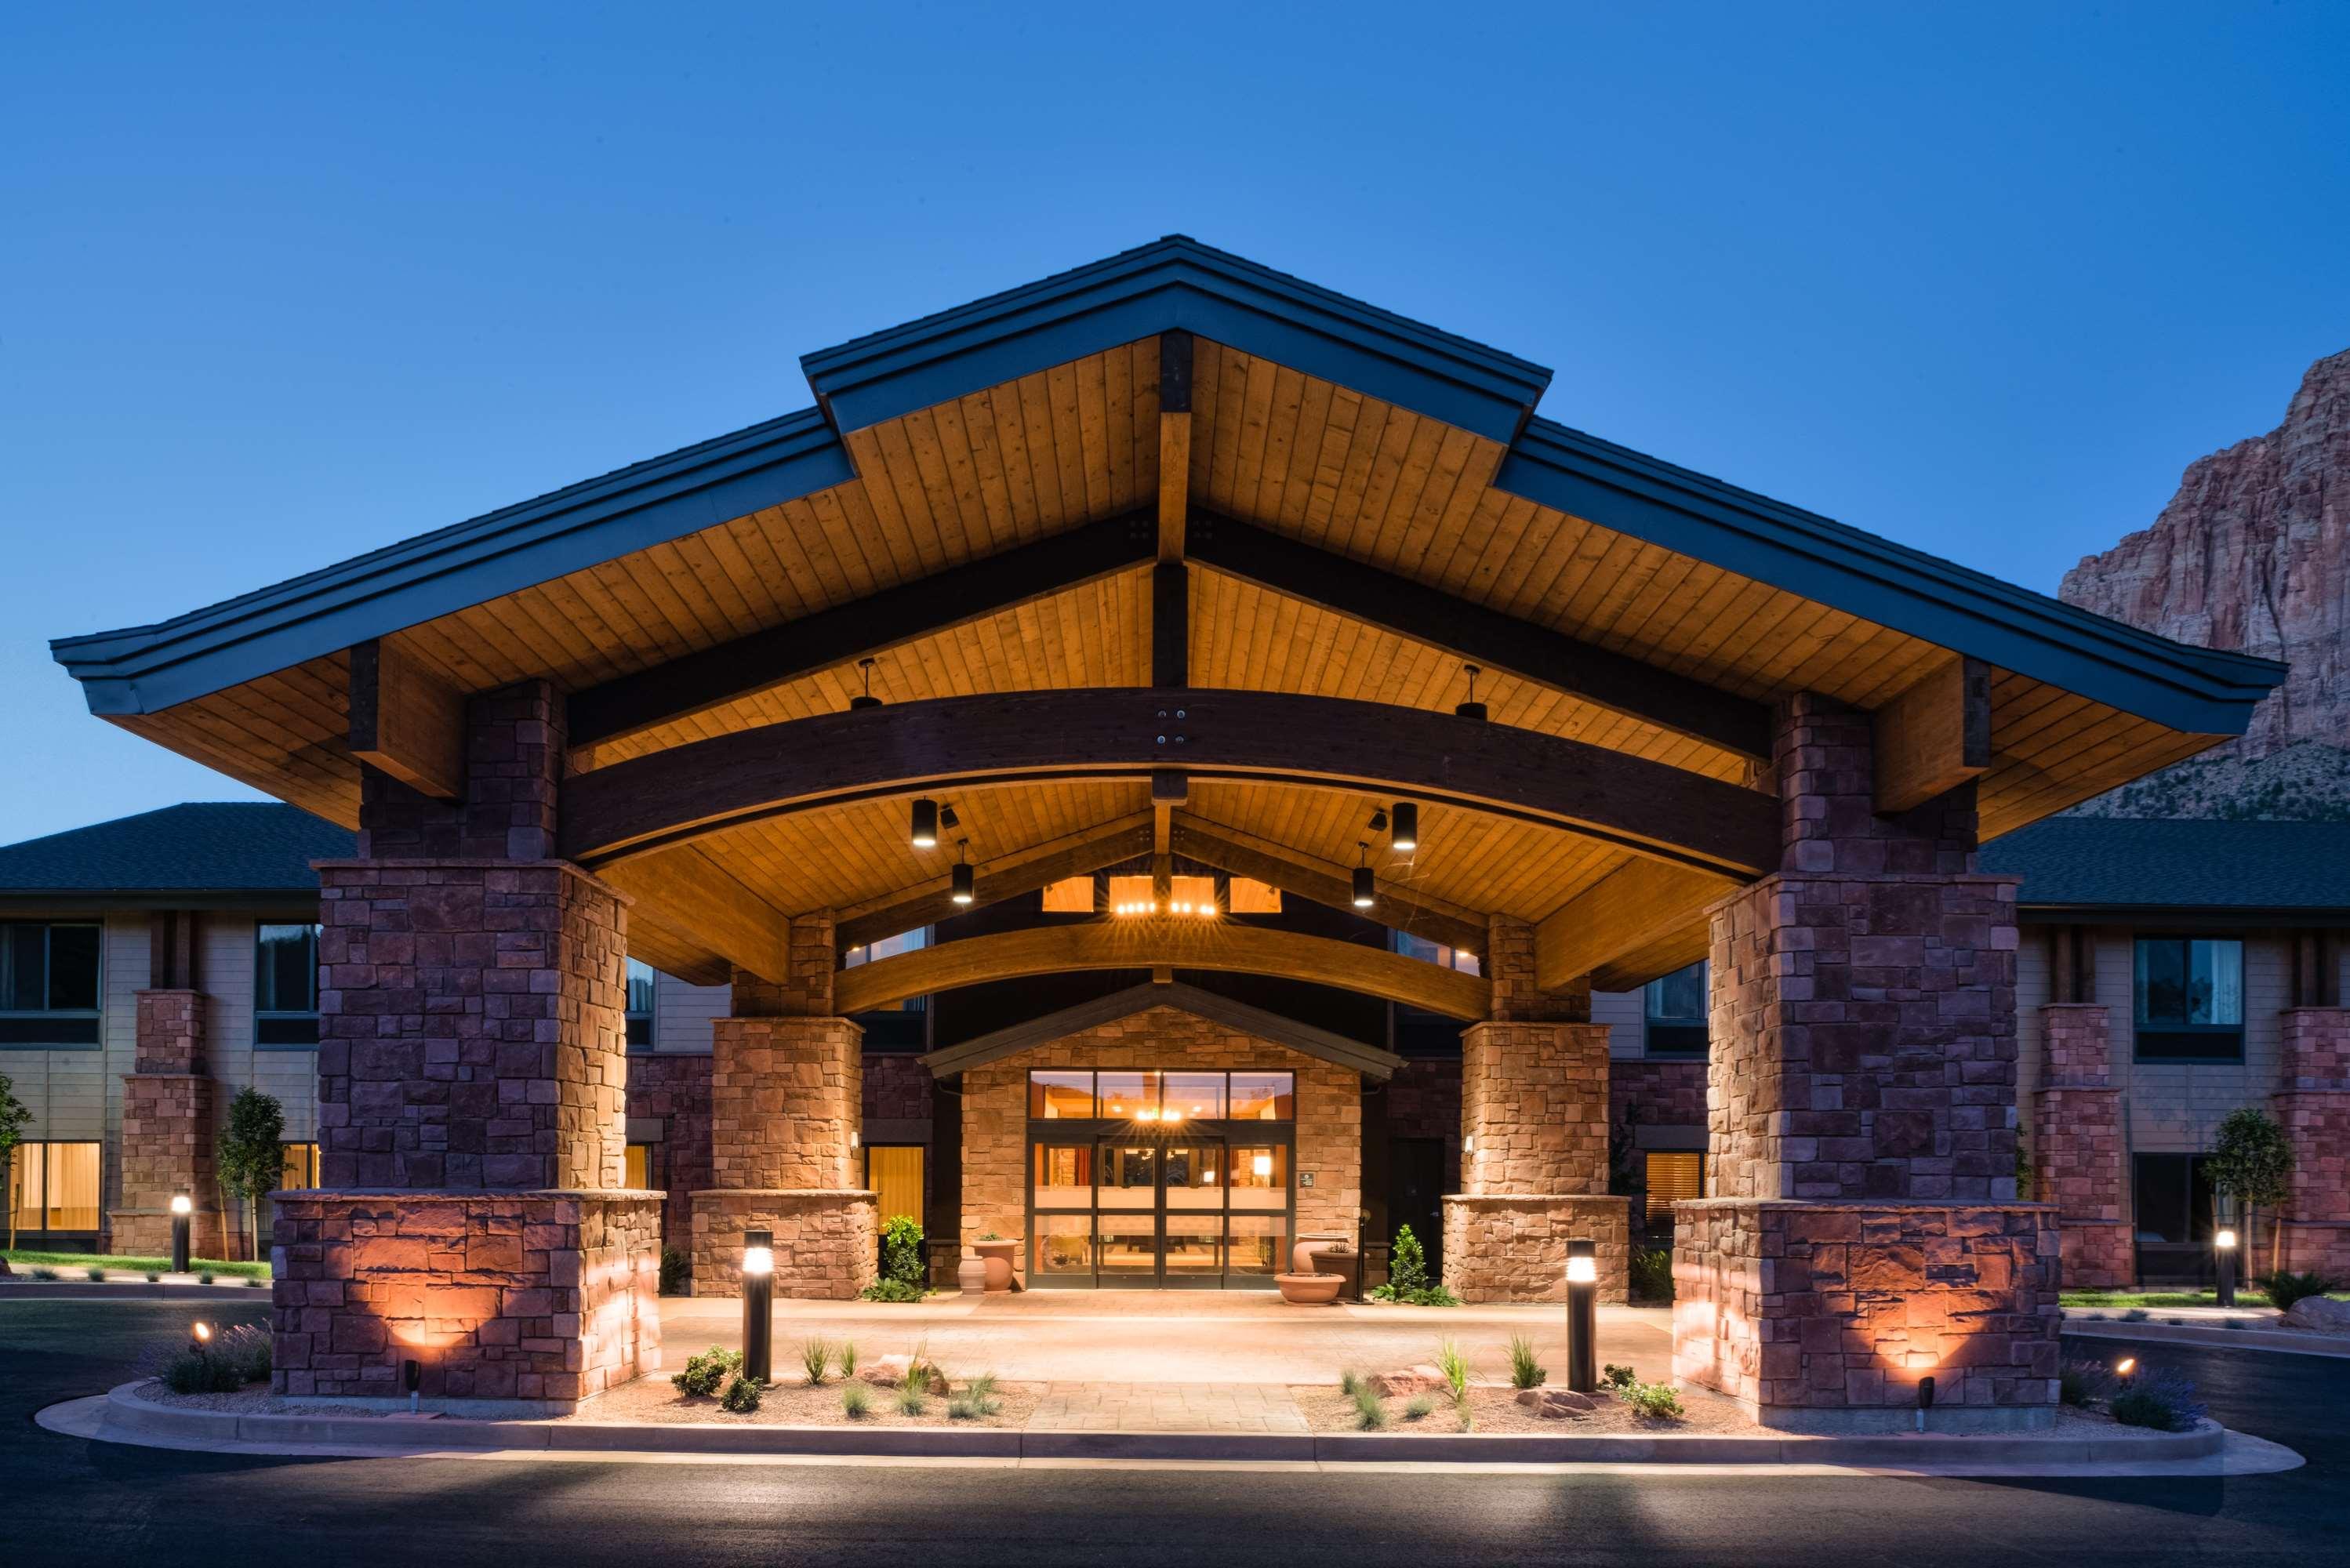 Hampton Inn & Suites Springdale/Zion National Park image 5